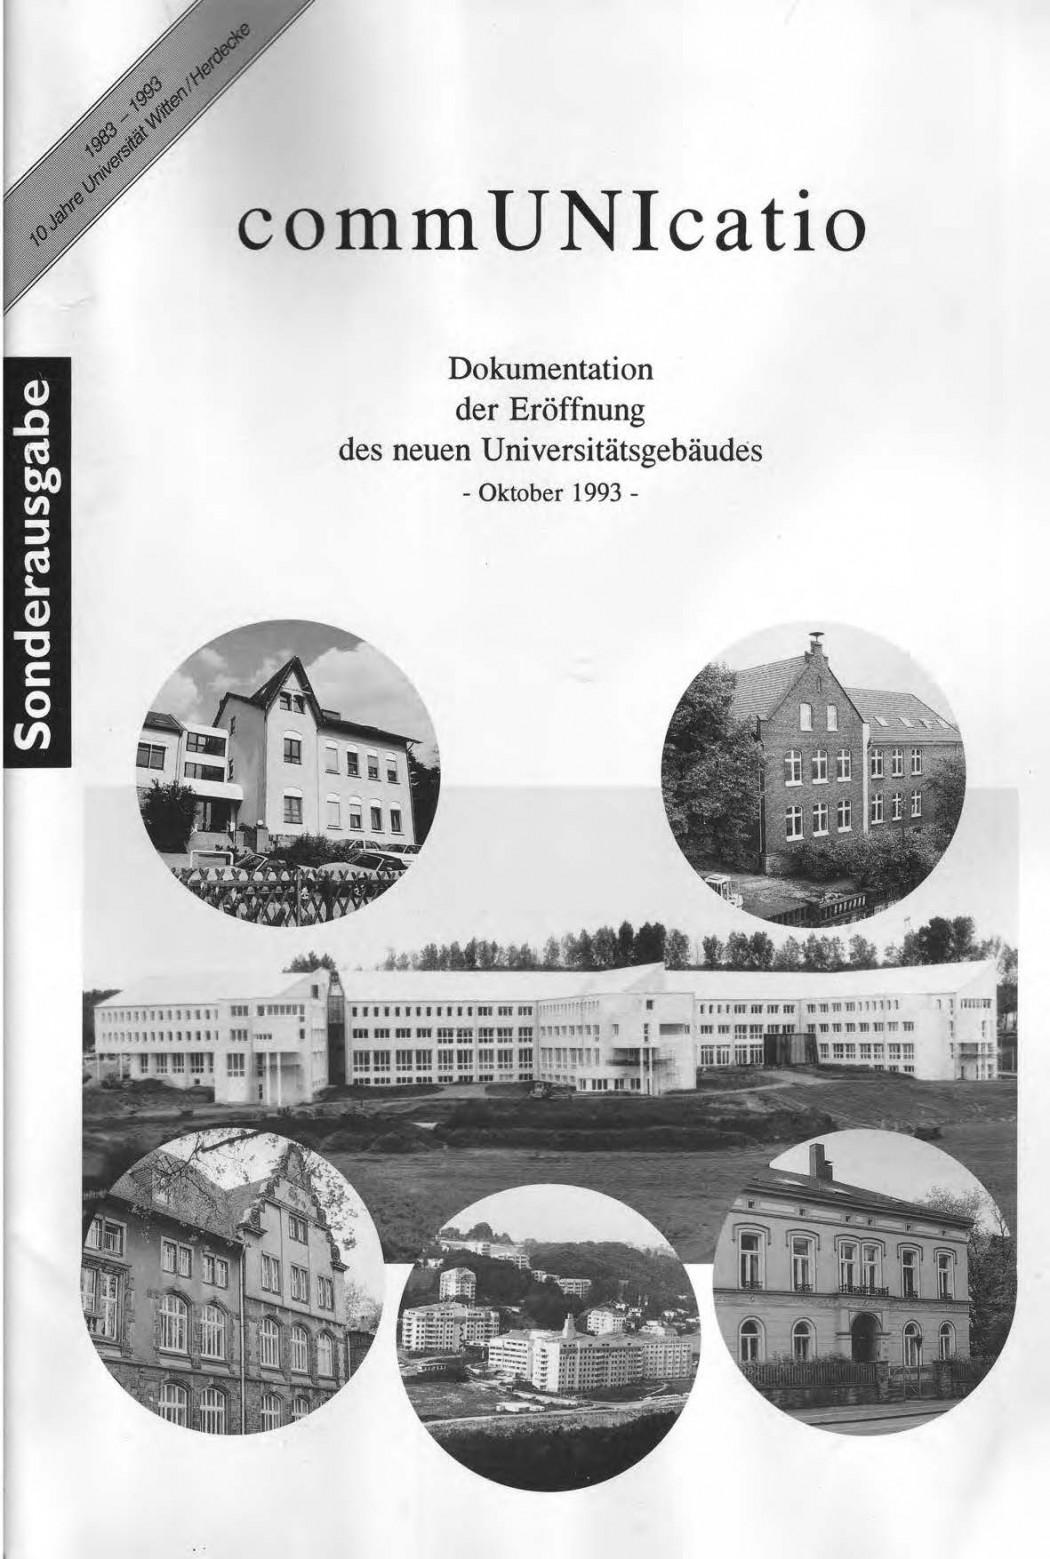 Universitaet Witten-Herdecke Dokumentation zur Eroeffnung_Seite_01